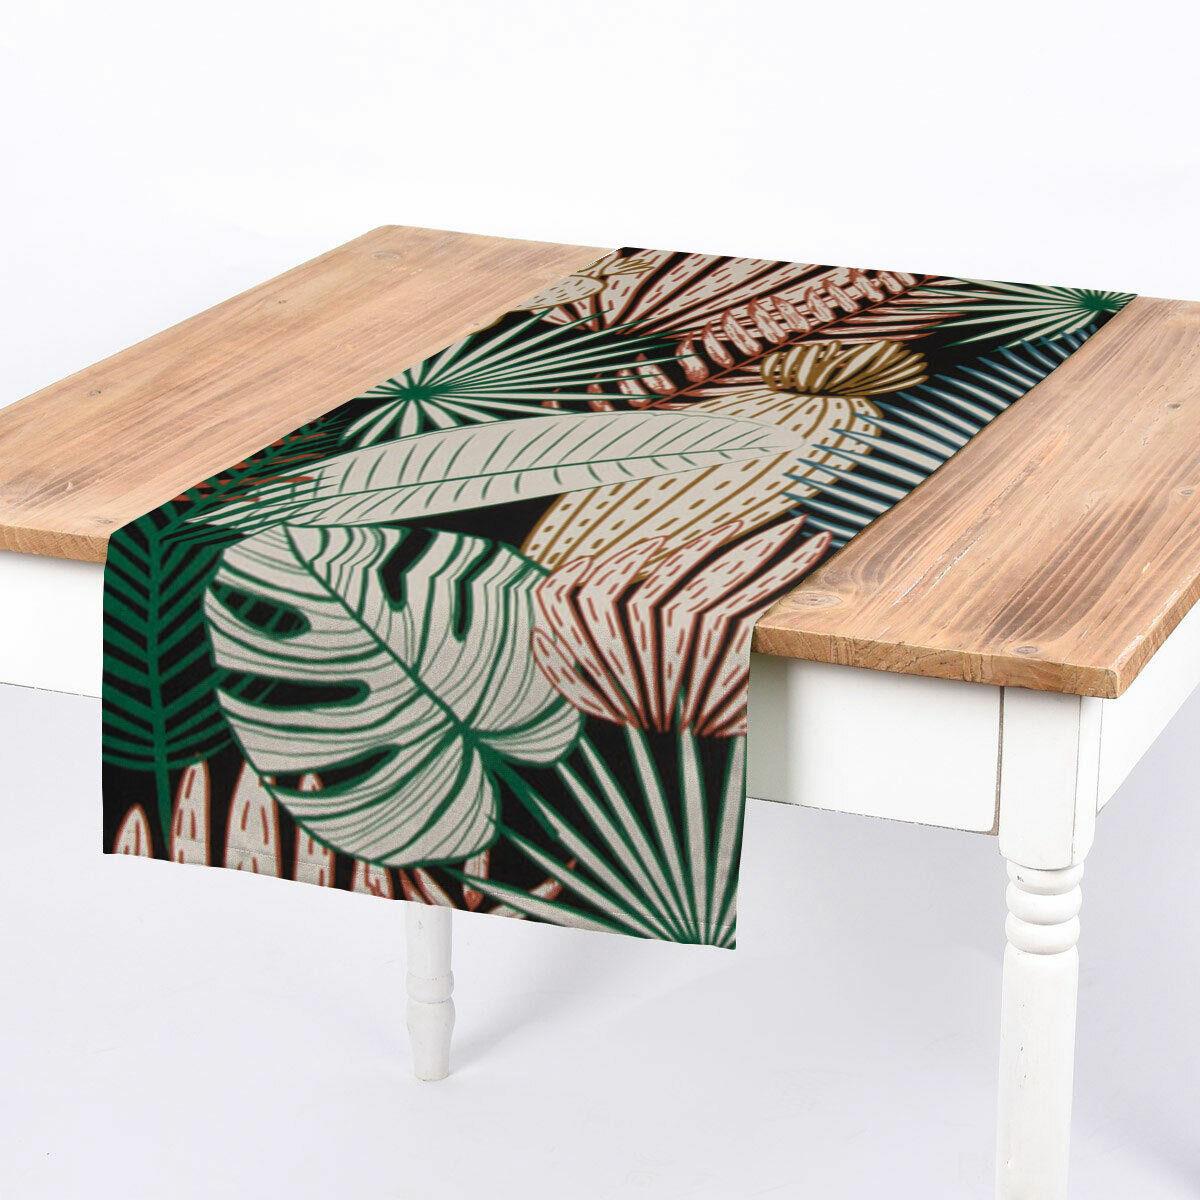 SCHÖNER LEBEN. Tischläufer Palmen Blätter Kaktus schwarz bunt 40x160cm